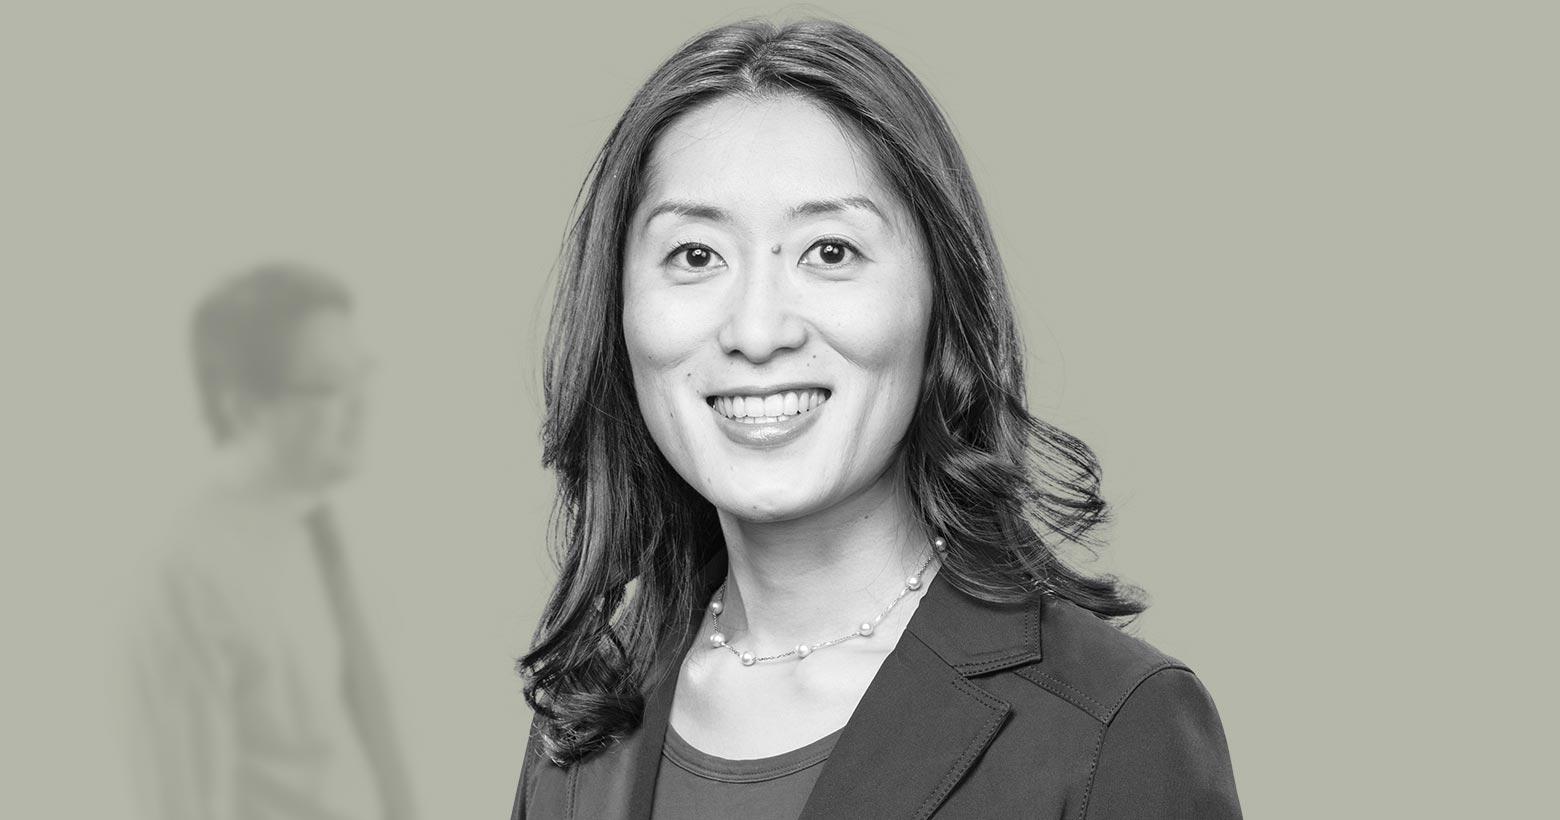 Makiko Harunari